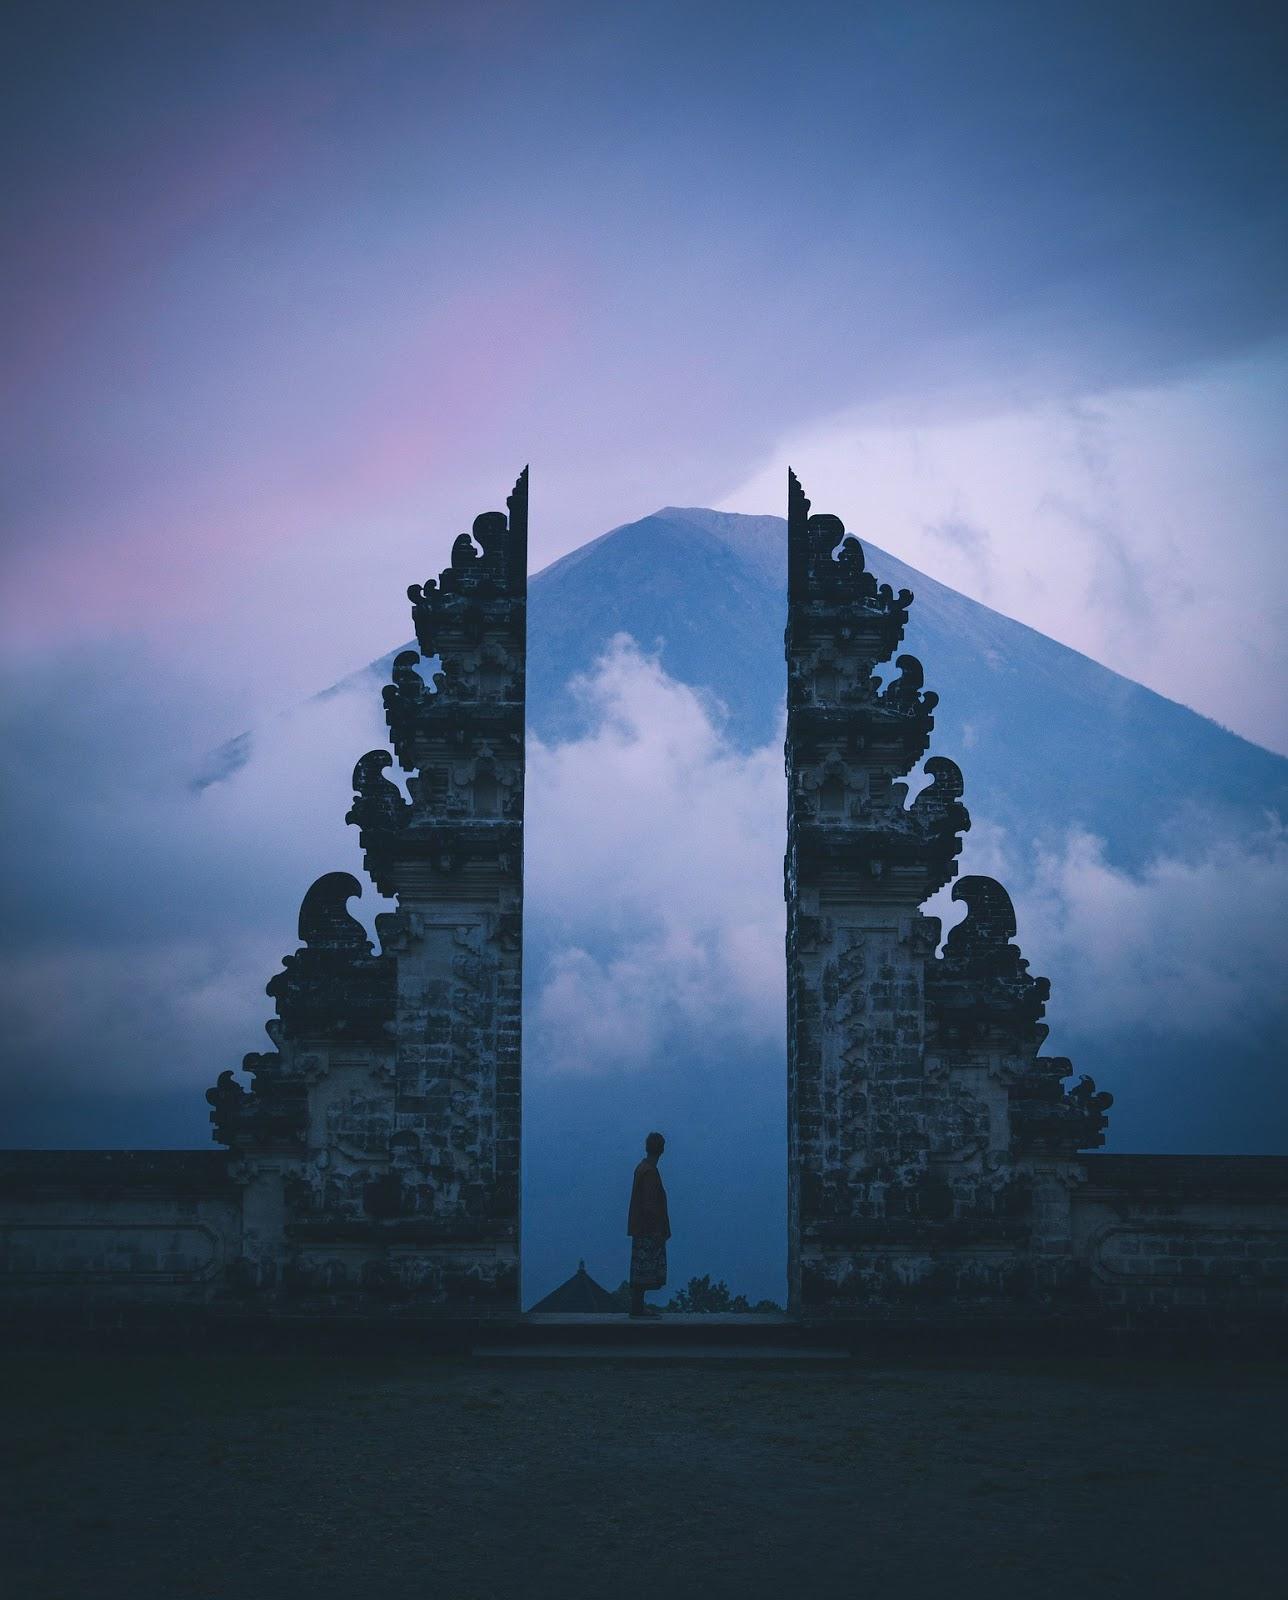 Daftar Tempat Wisata Di Bali Objek Wisata Di Bali Terbaru